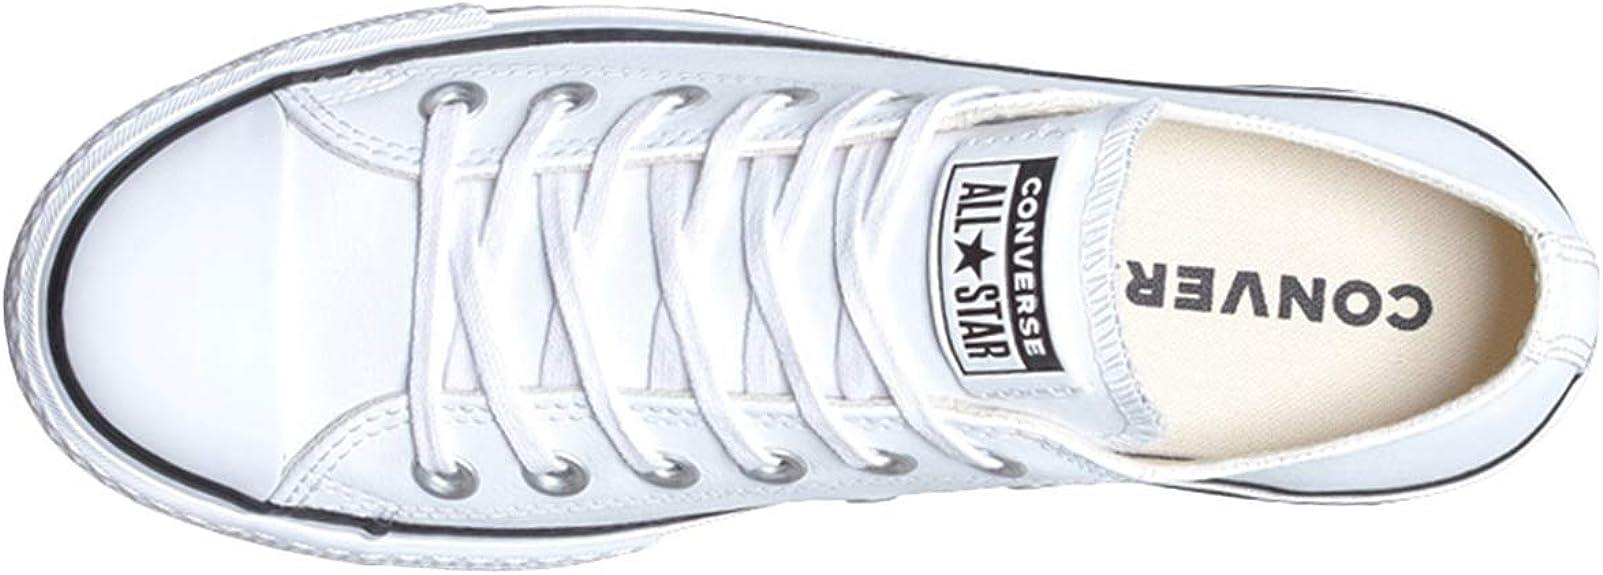 Converse Ctas Lift Clean Ox BlackWhite, Scarpe da Ginnastica Basse Donna